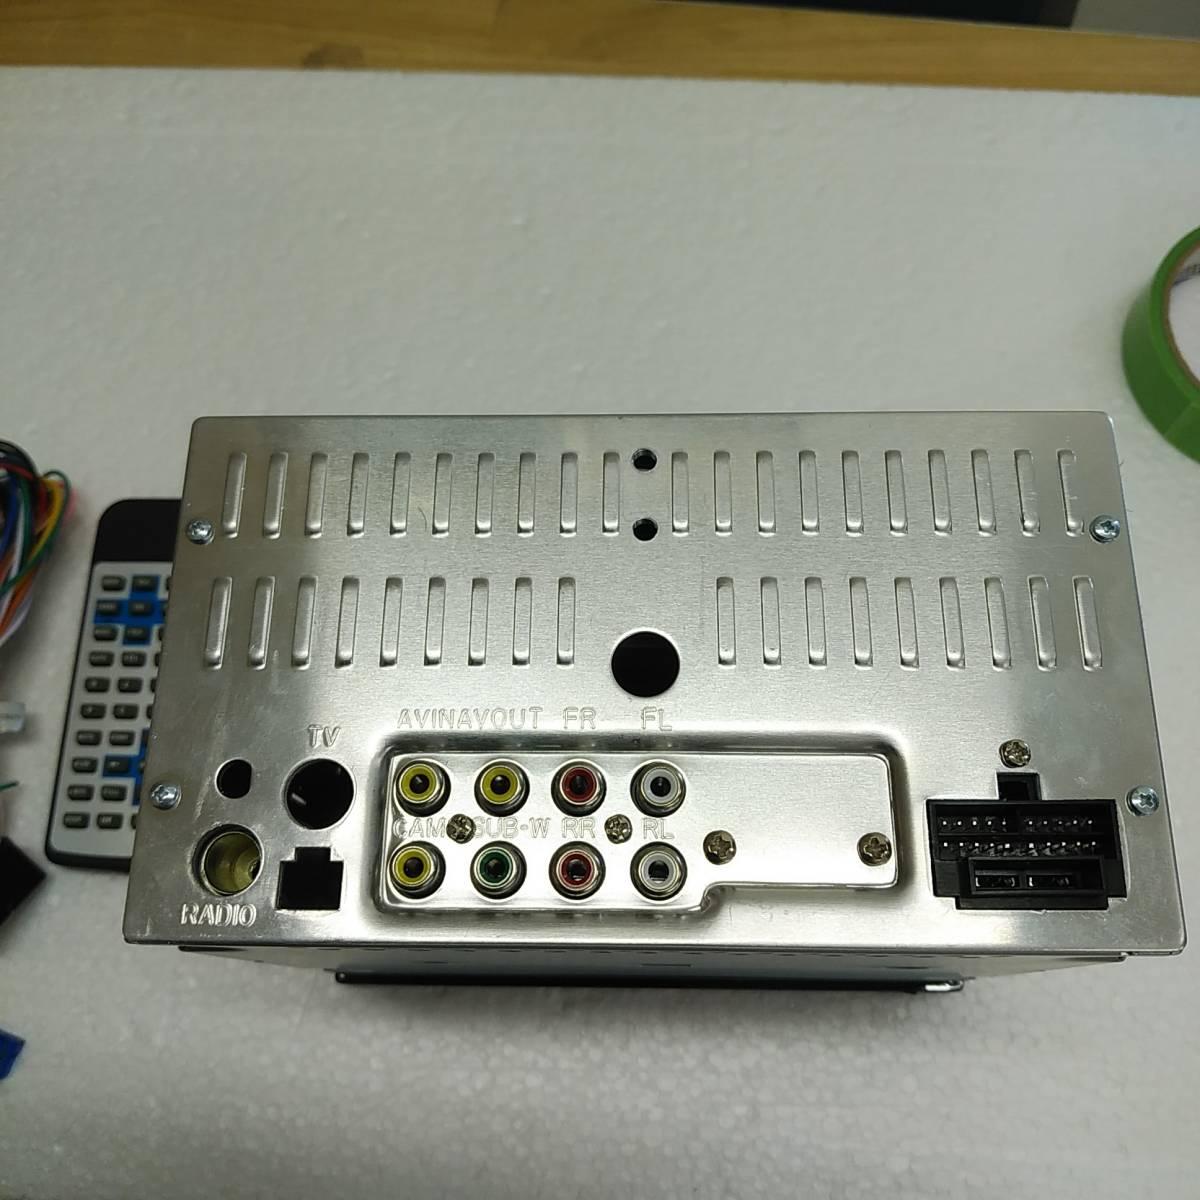 □ENON イーオンオン D2119J 6.5インチ DVDプレーヤー フルタッチ静電式車載マルチメディア USB/SDカードスロット搭載_画像5